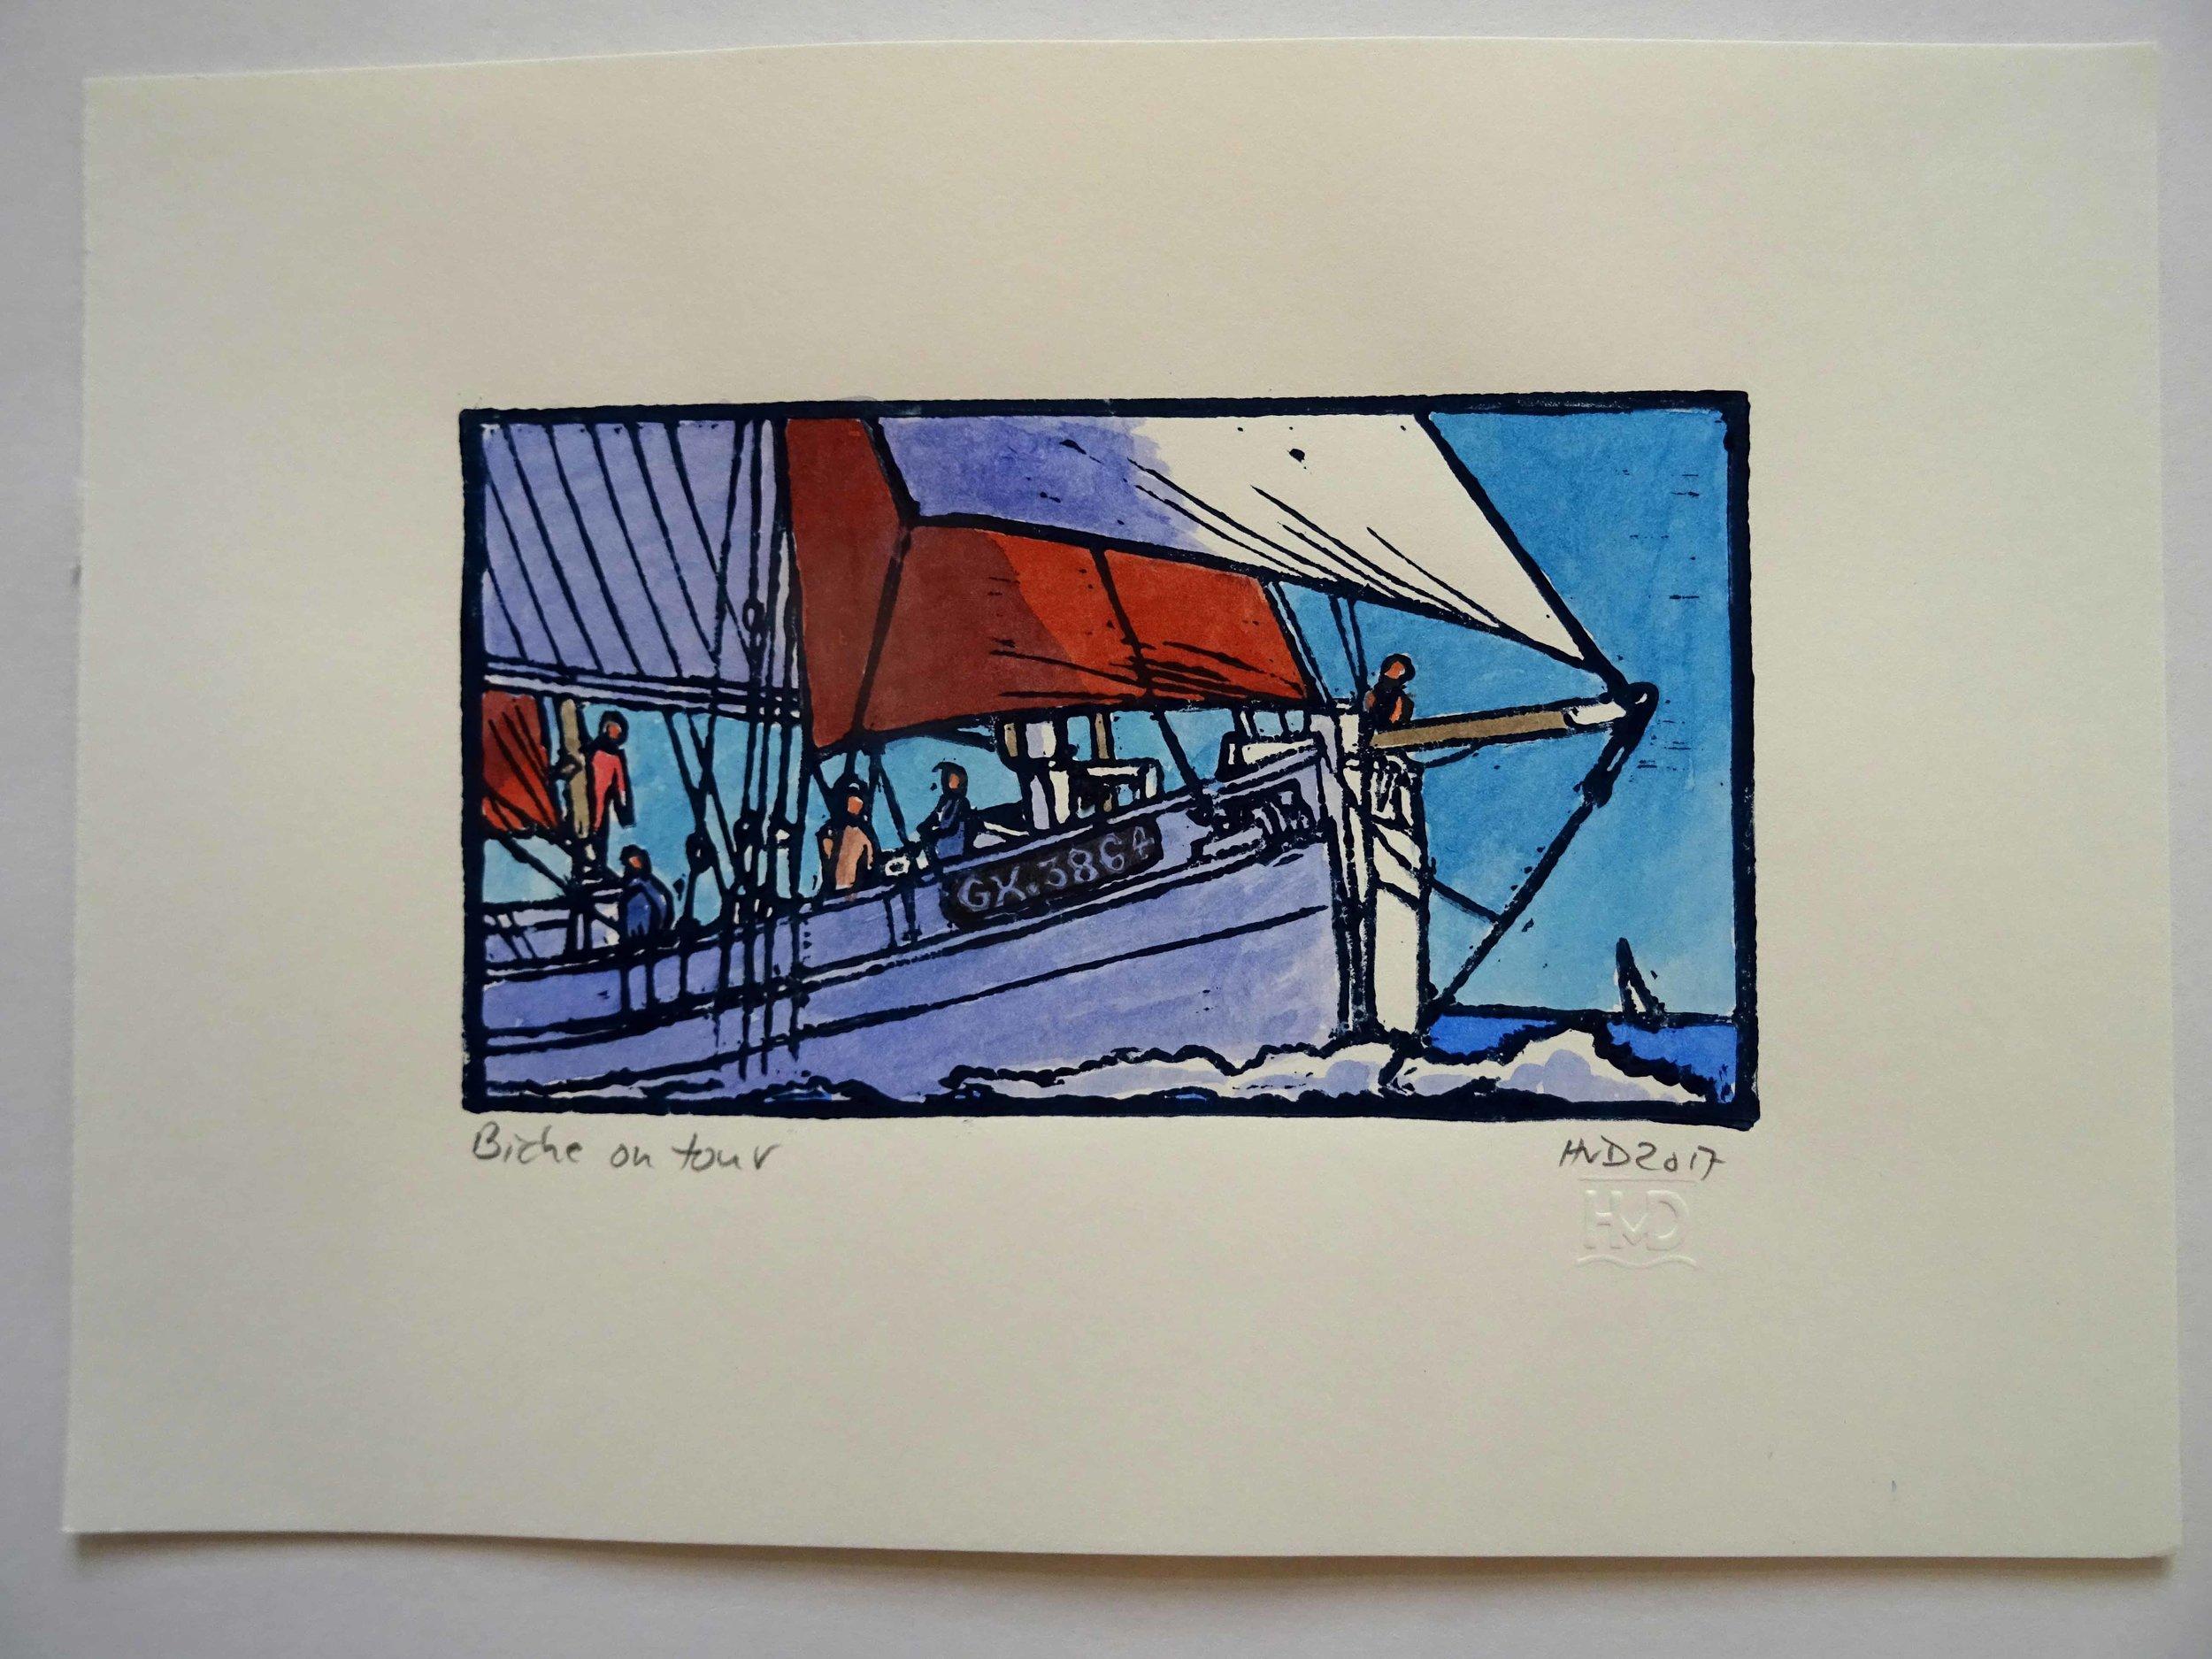 155 - Biche on tour, 10x18 cm, coloured lino, 40 €